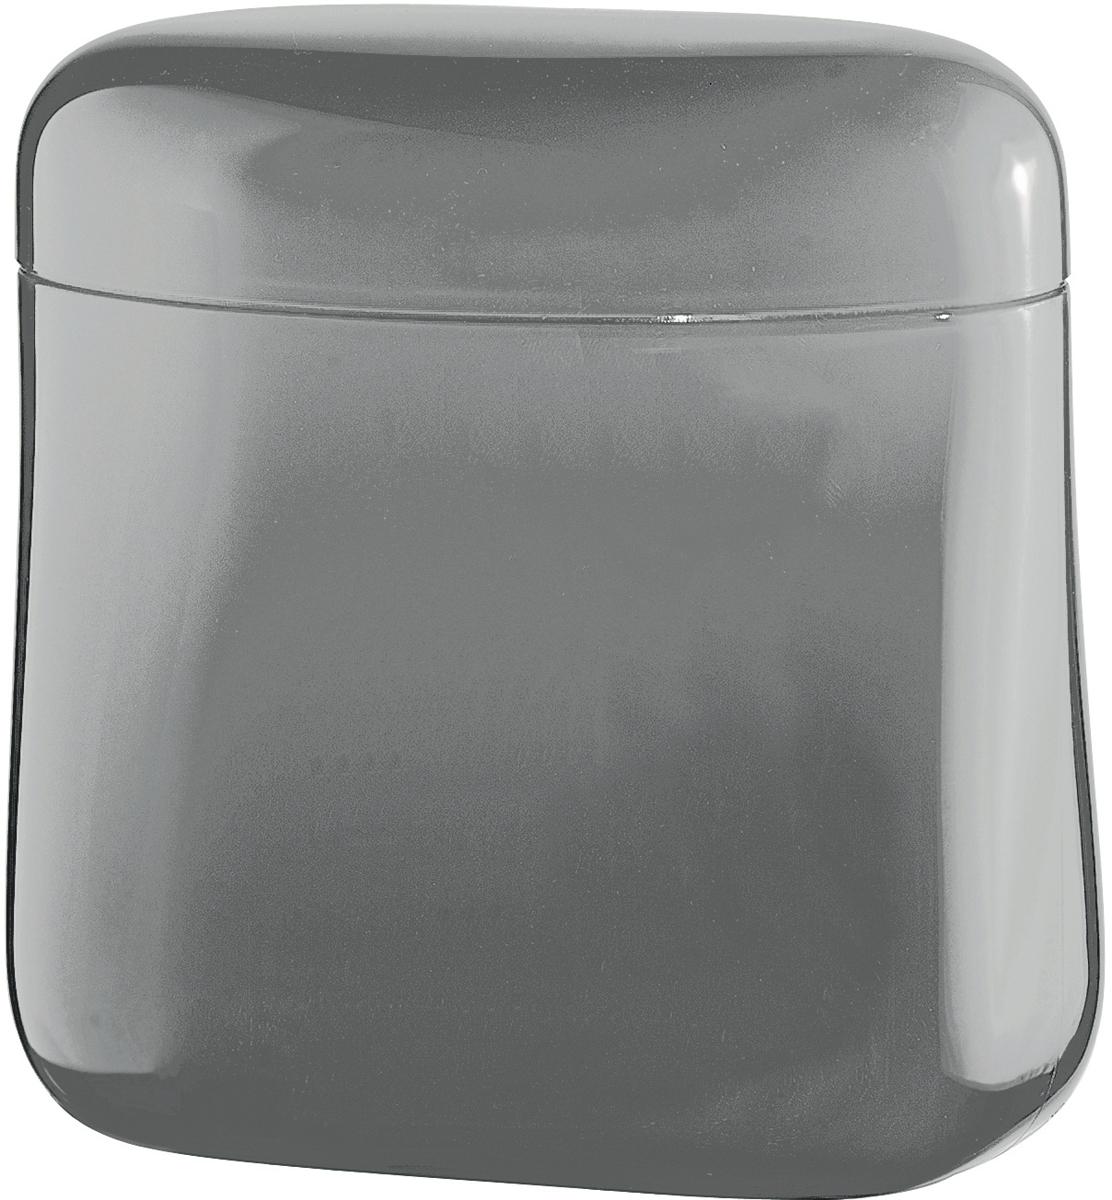 Банка для кофе Guzzini Gocce, цвет: серый, 700 мл27300092Банка Gocce создана специально для длительного хранения кофе. Она изготовлена из органического стекла со светонепроницаемым покрытием для защиты от преждевременного разрушения. Крышка банки плотно закрывается, что позволит надолго сохранить вкус и аромат кофе. Благодаря своей компактности, ёмкость не займет много места в шкафу и идеально поместится в дверце холодильника. При желании её можно использовать для хранения не только кофе, но и других сыпучих продуктов.Объем 700 мл. Пригодна для мытья в посудомоечной машине.